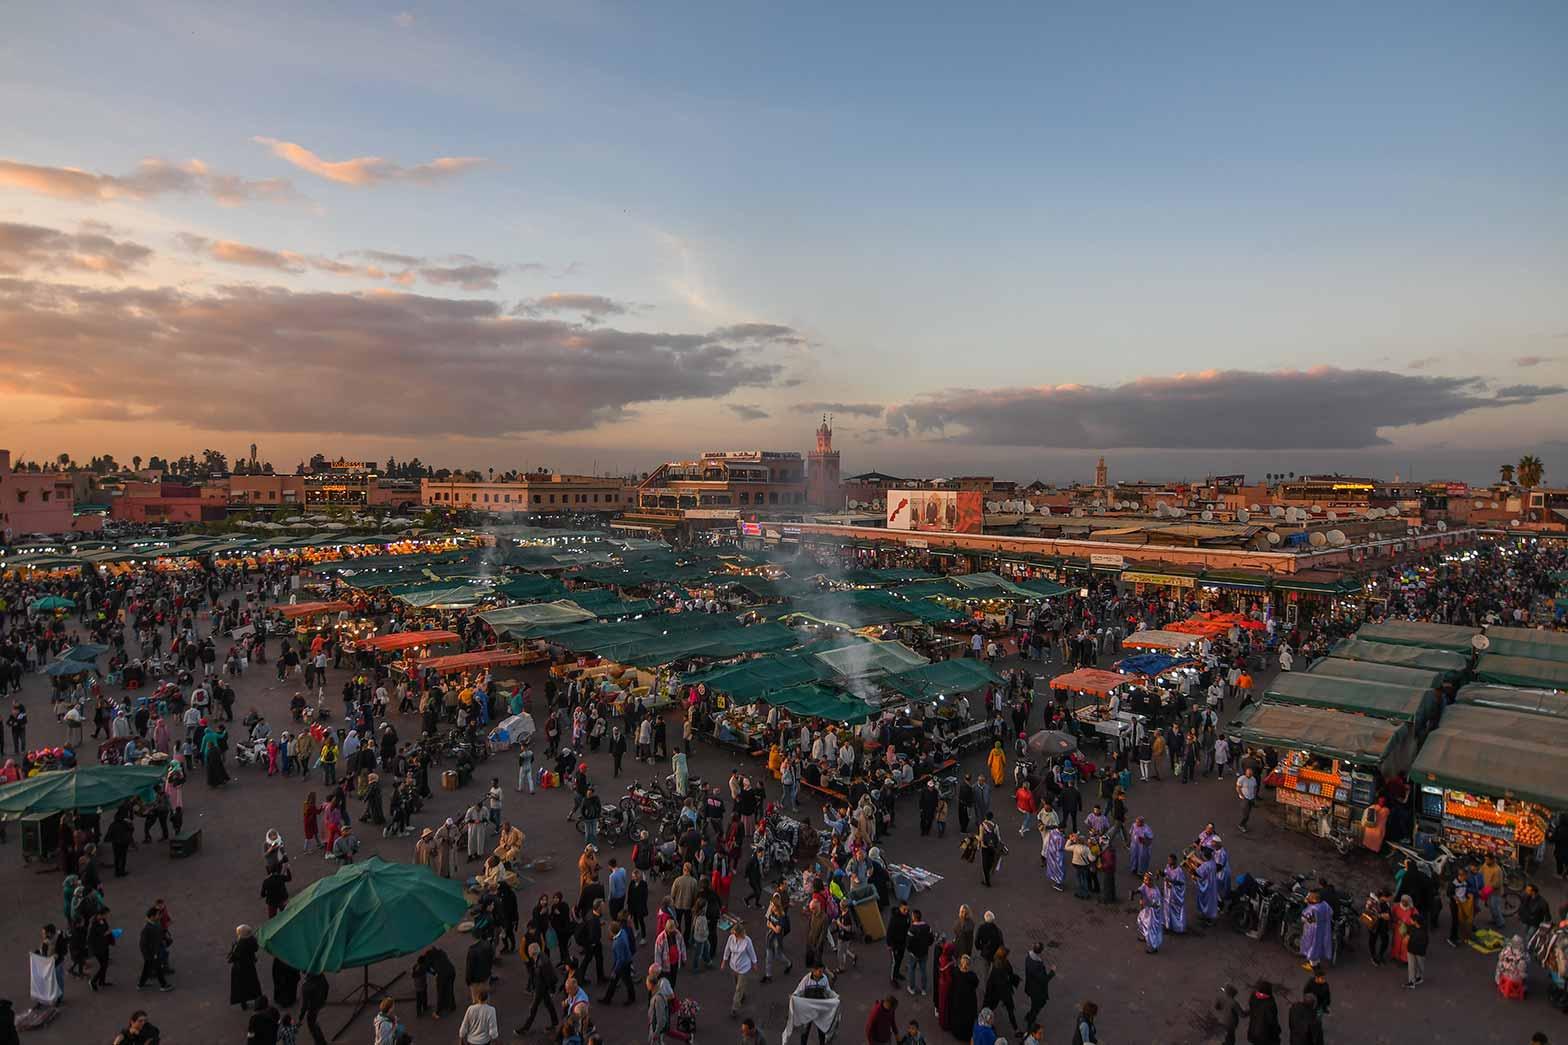 Sunset over the night market, Marrakesh